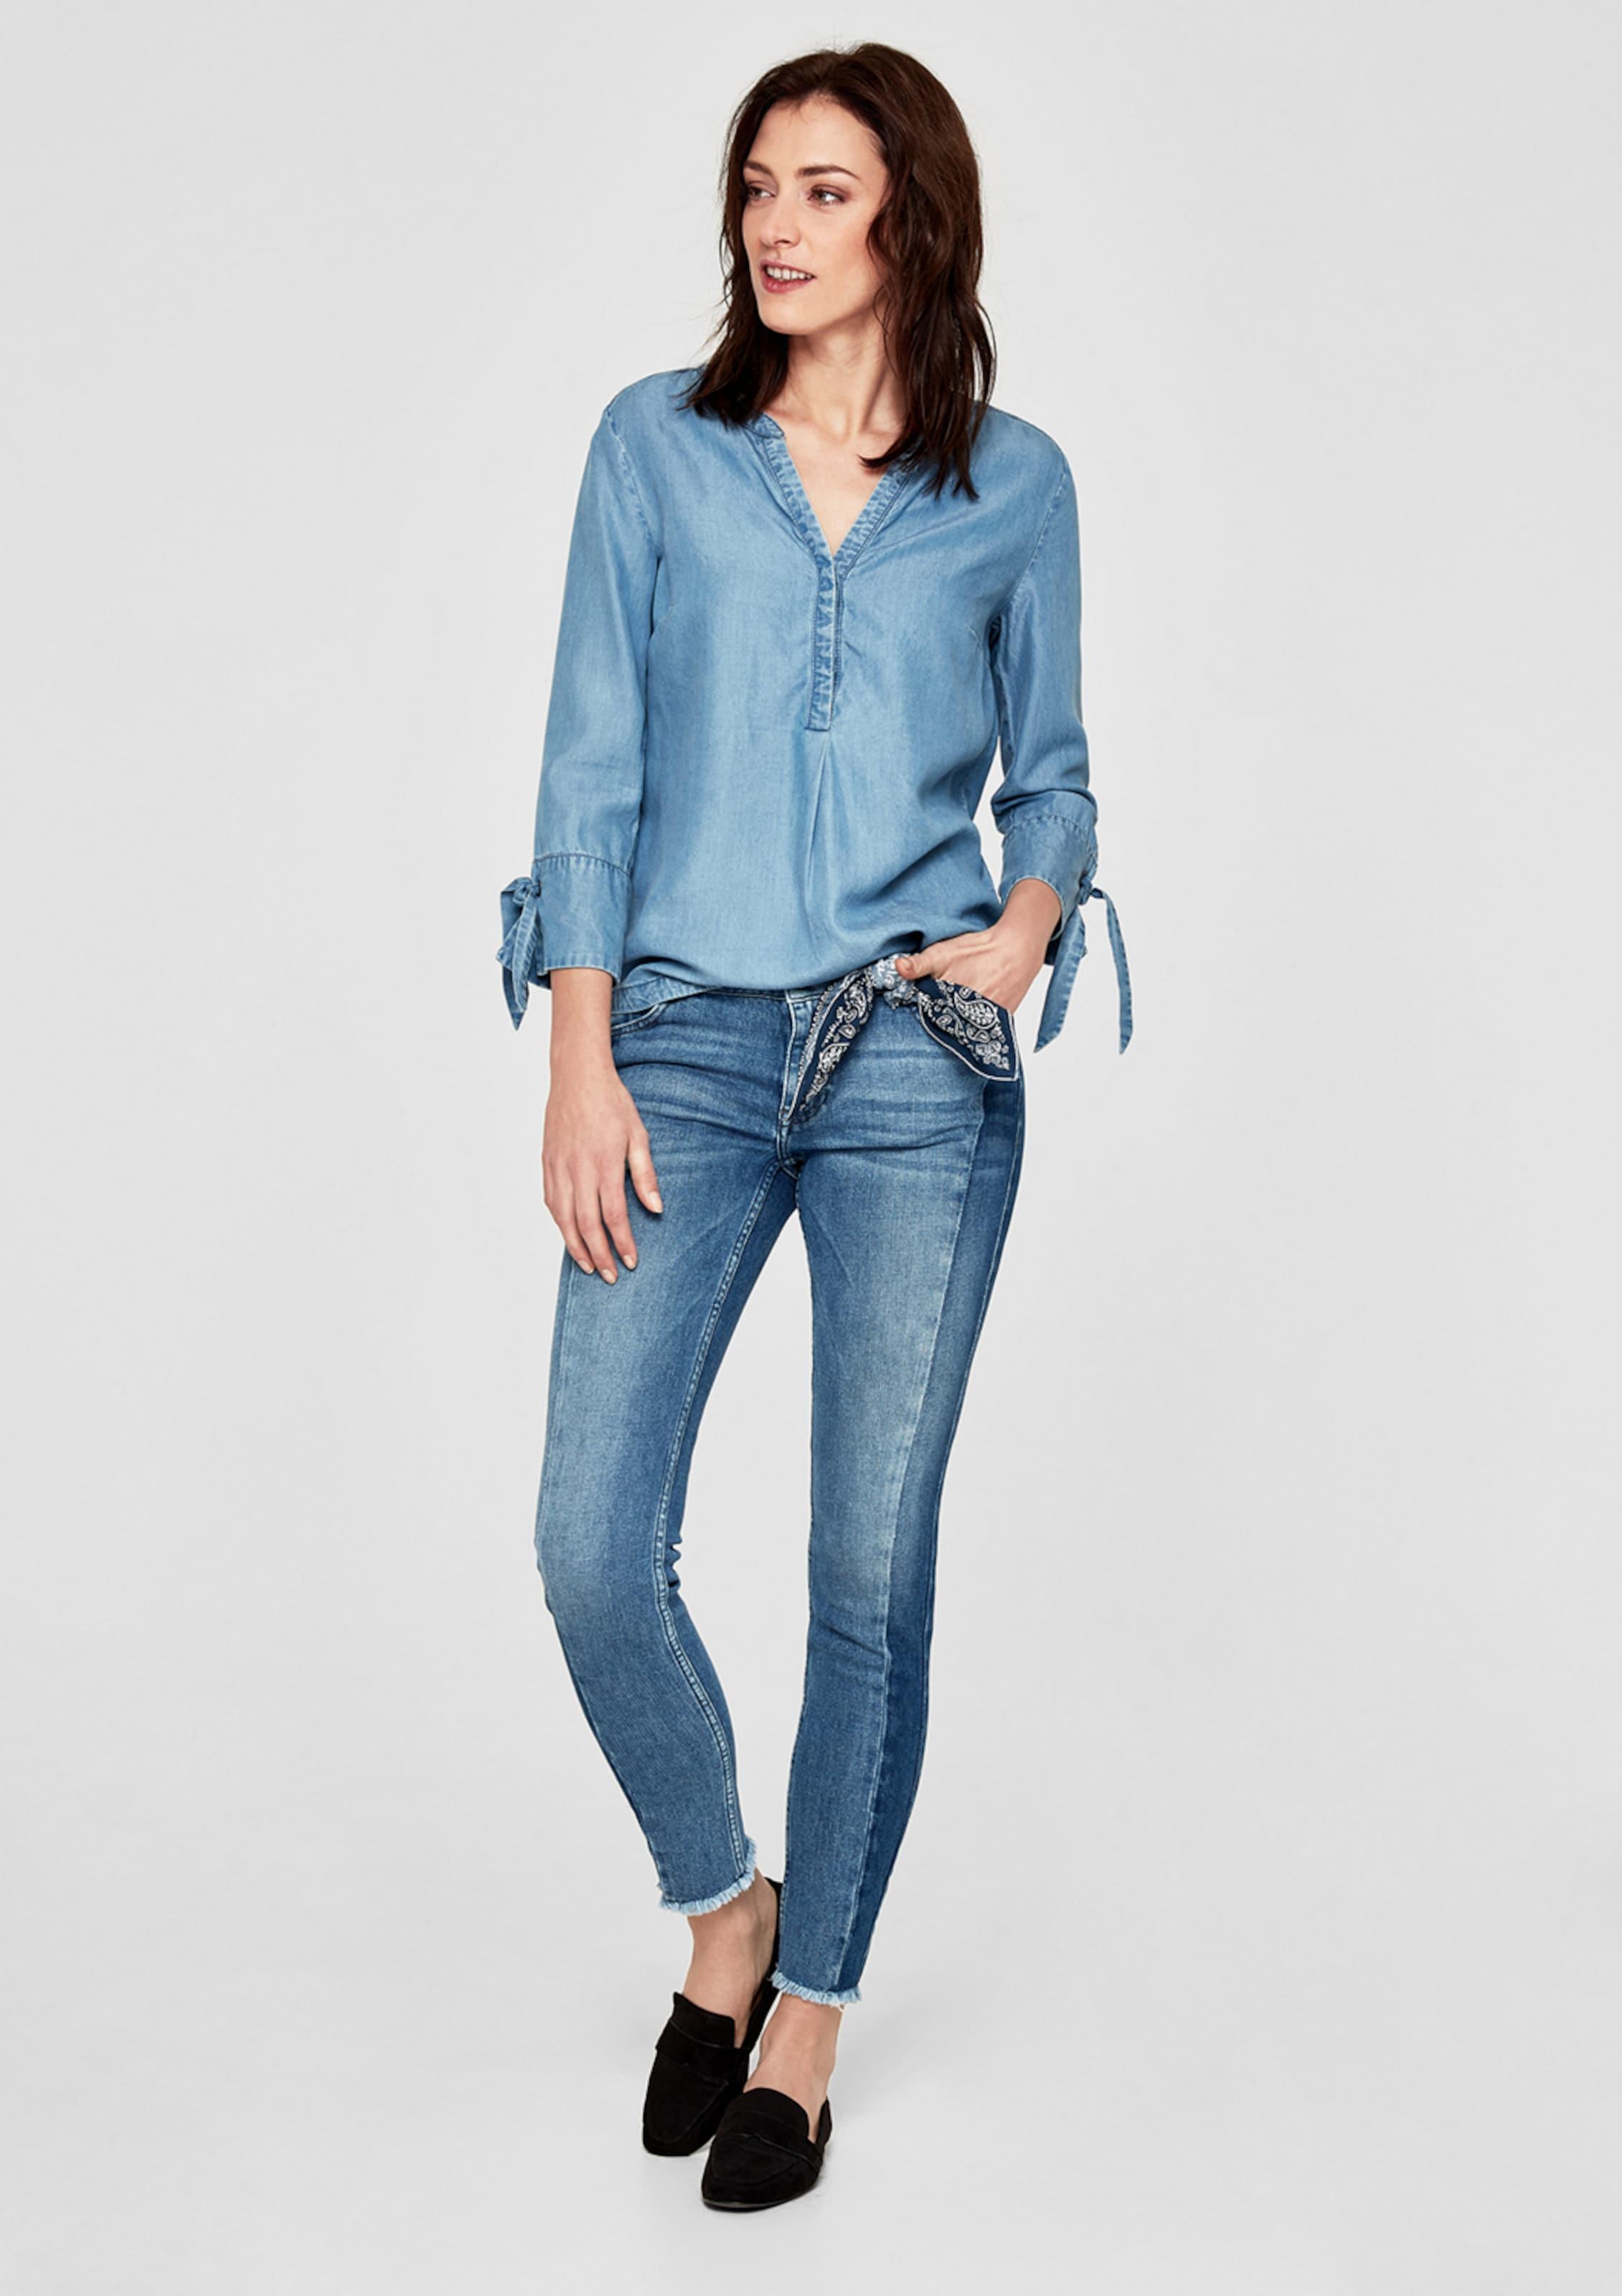 s.Oliver RED LABEL Shape Ankle: Patchwork-Jeans 2018 Unisex Verkauf Online Wo Niedrigen Preis Kaufen 11LOpRz5r